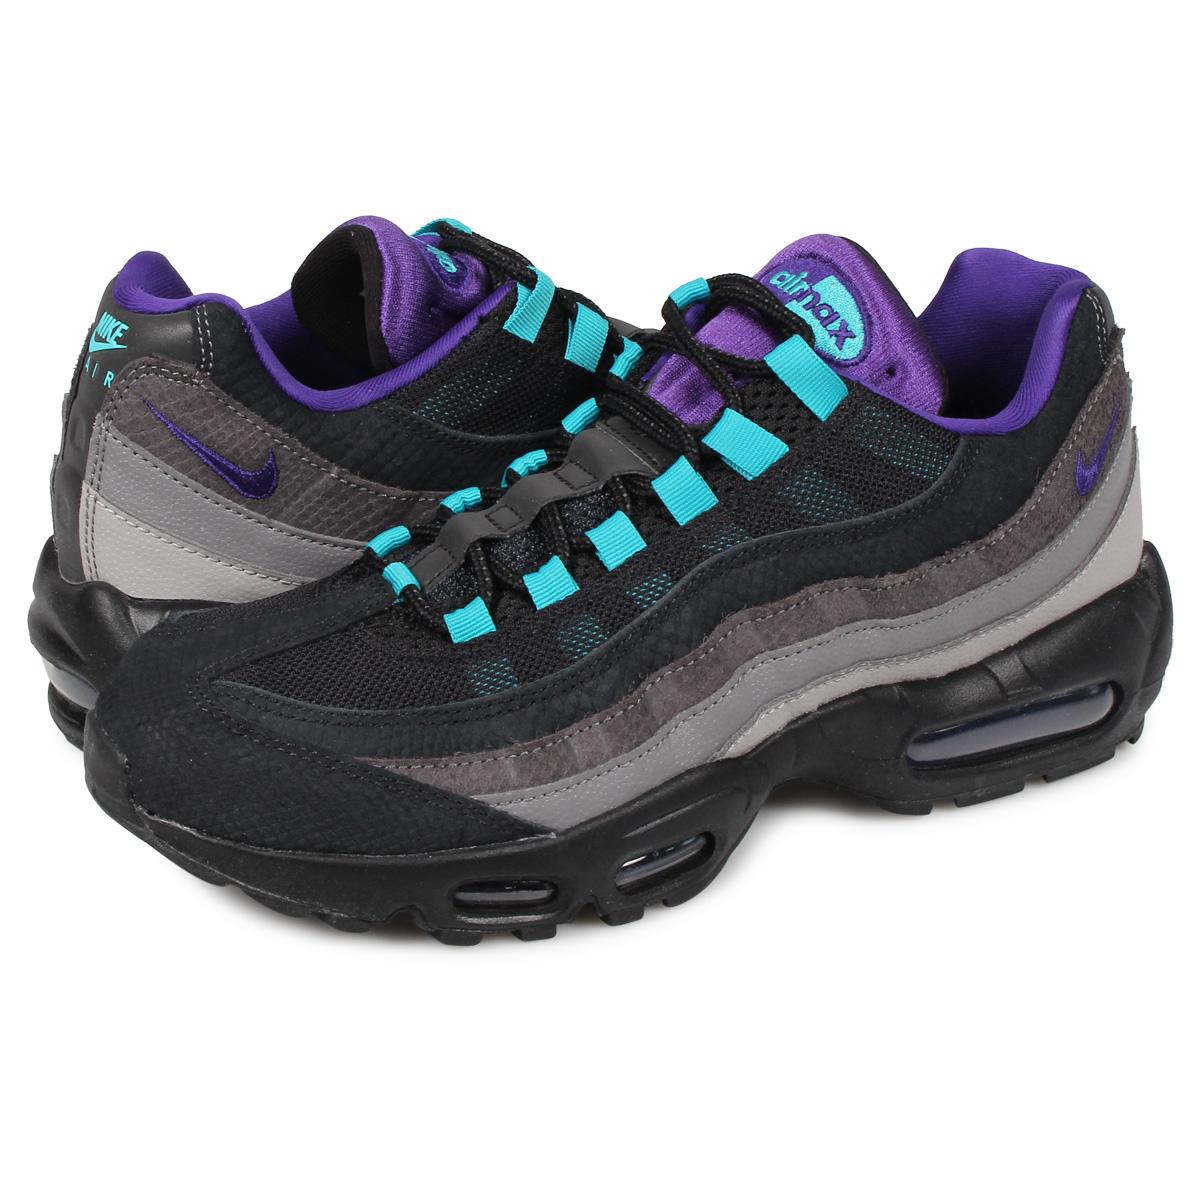 Nike NIKE Air Max 95 sneakers men AIR MAX 95 LV8 black black AO2450 002 [198]